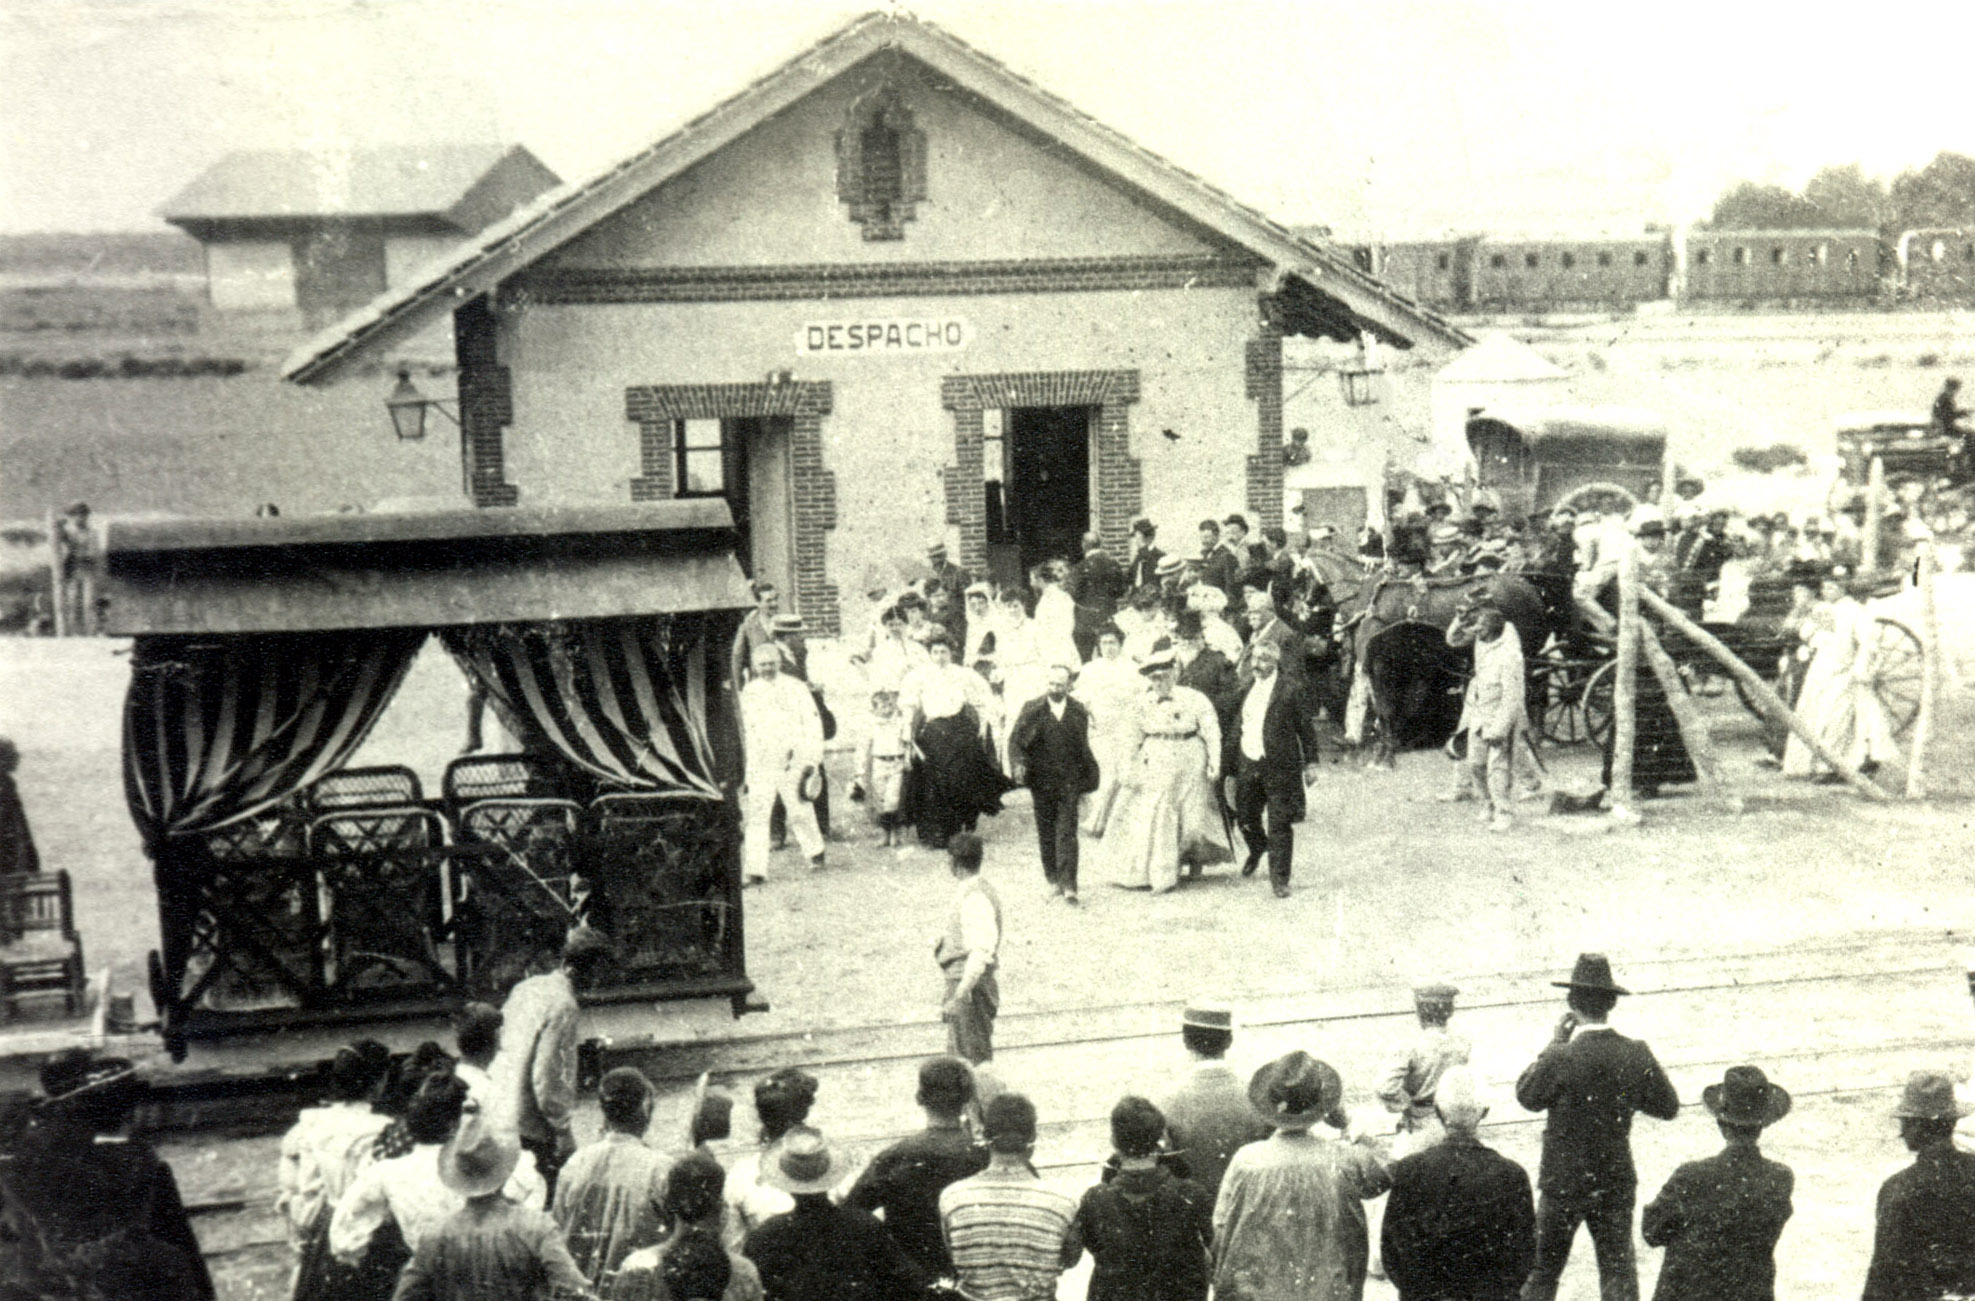 Visita de la Infanta Isabel de Borbón a las salinas de Torrevieja. Al fondo se distingue la estación del ferrocarril. / A. Darblade, colección Fco. Sala